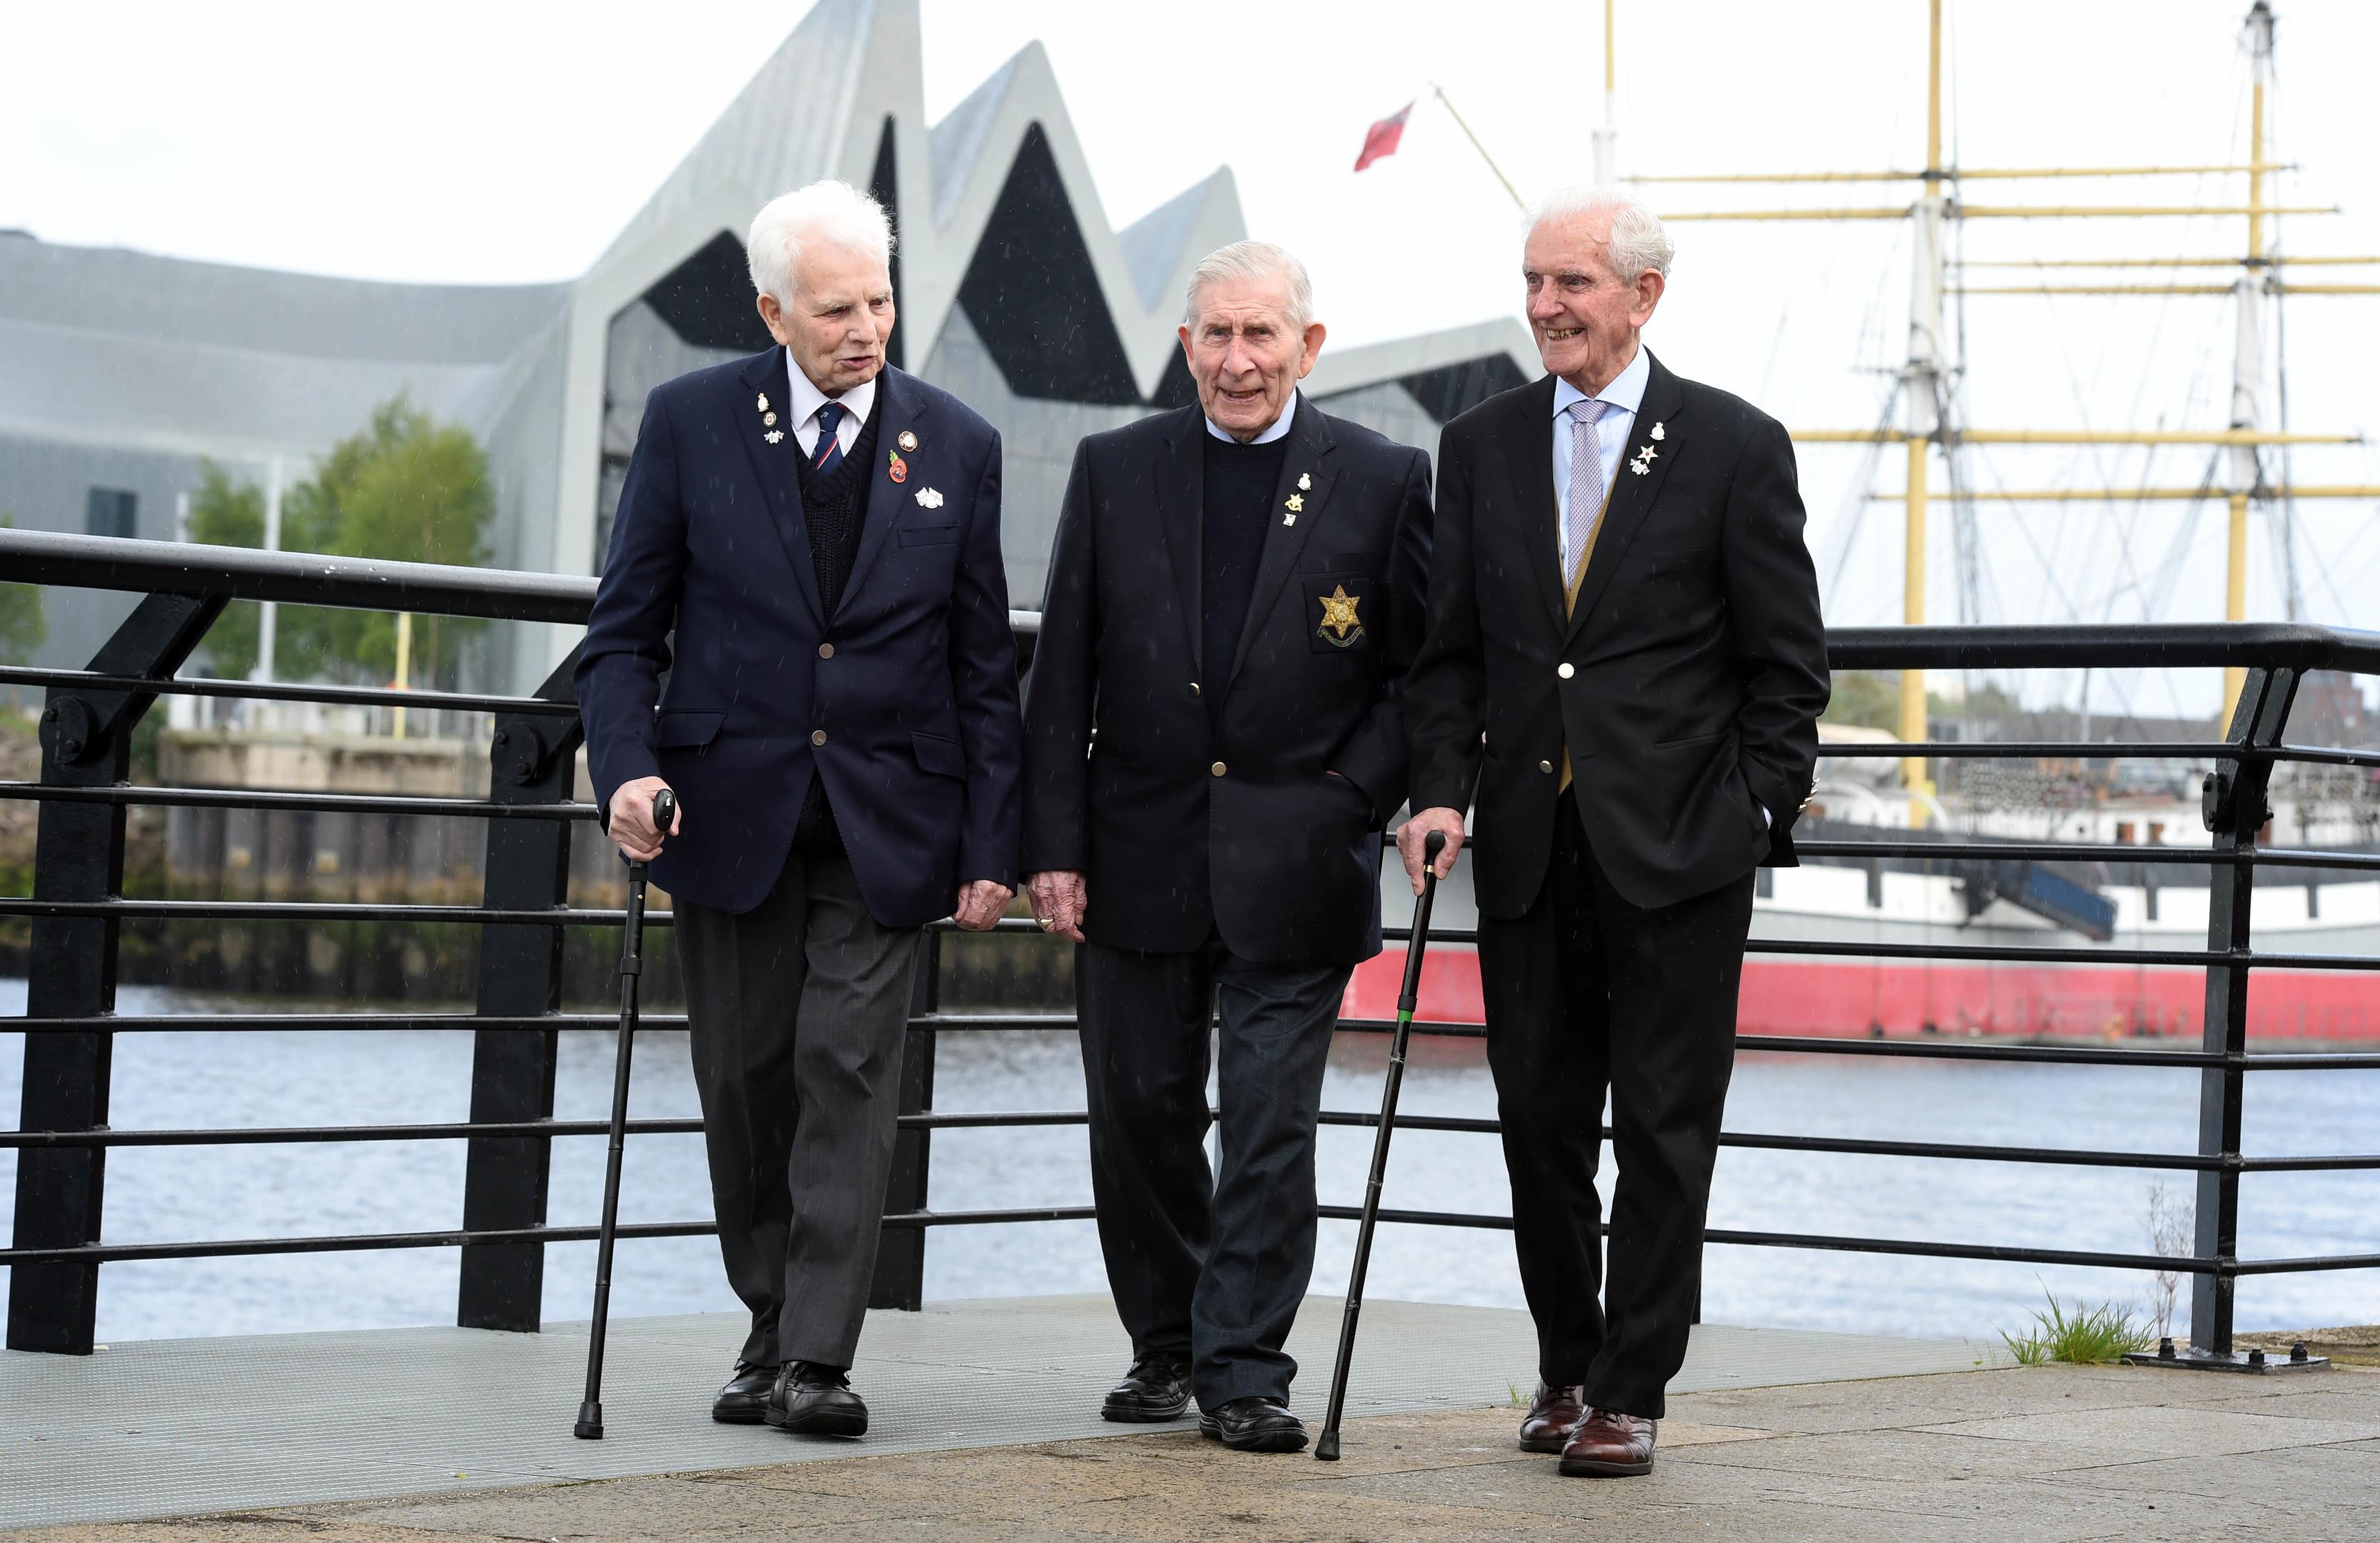 The three veterans in Glasgow (Poppyscotland 2018)